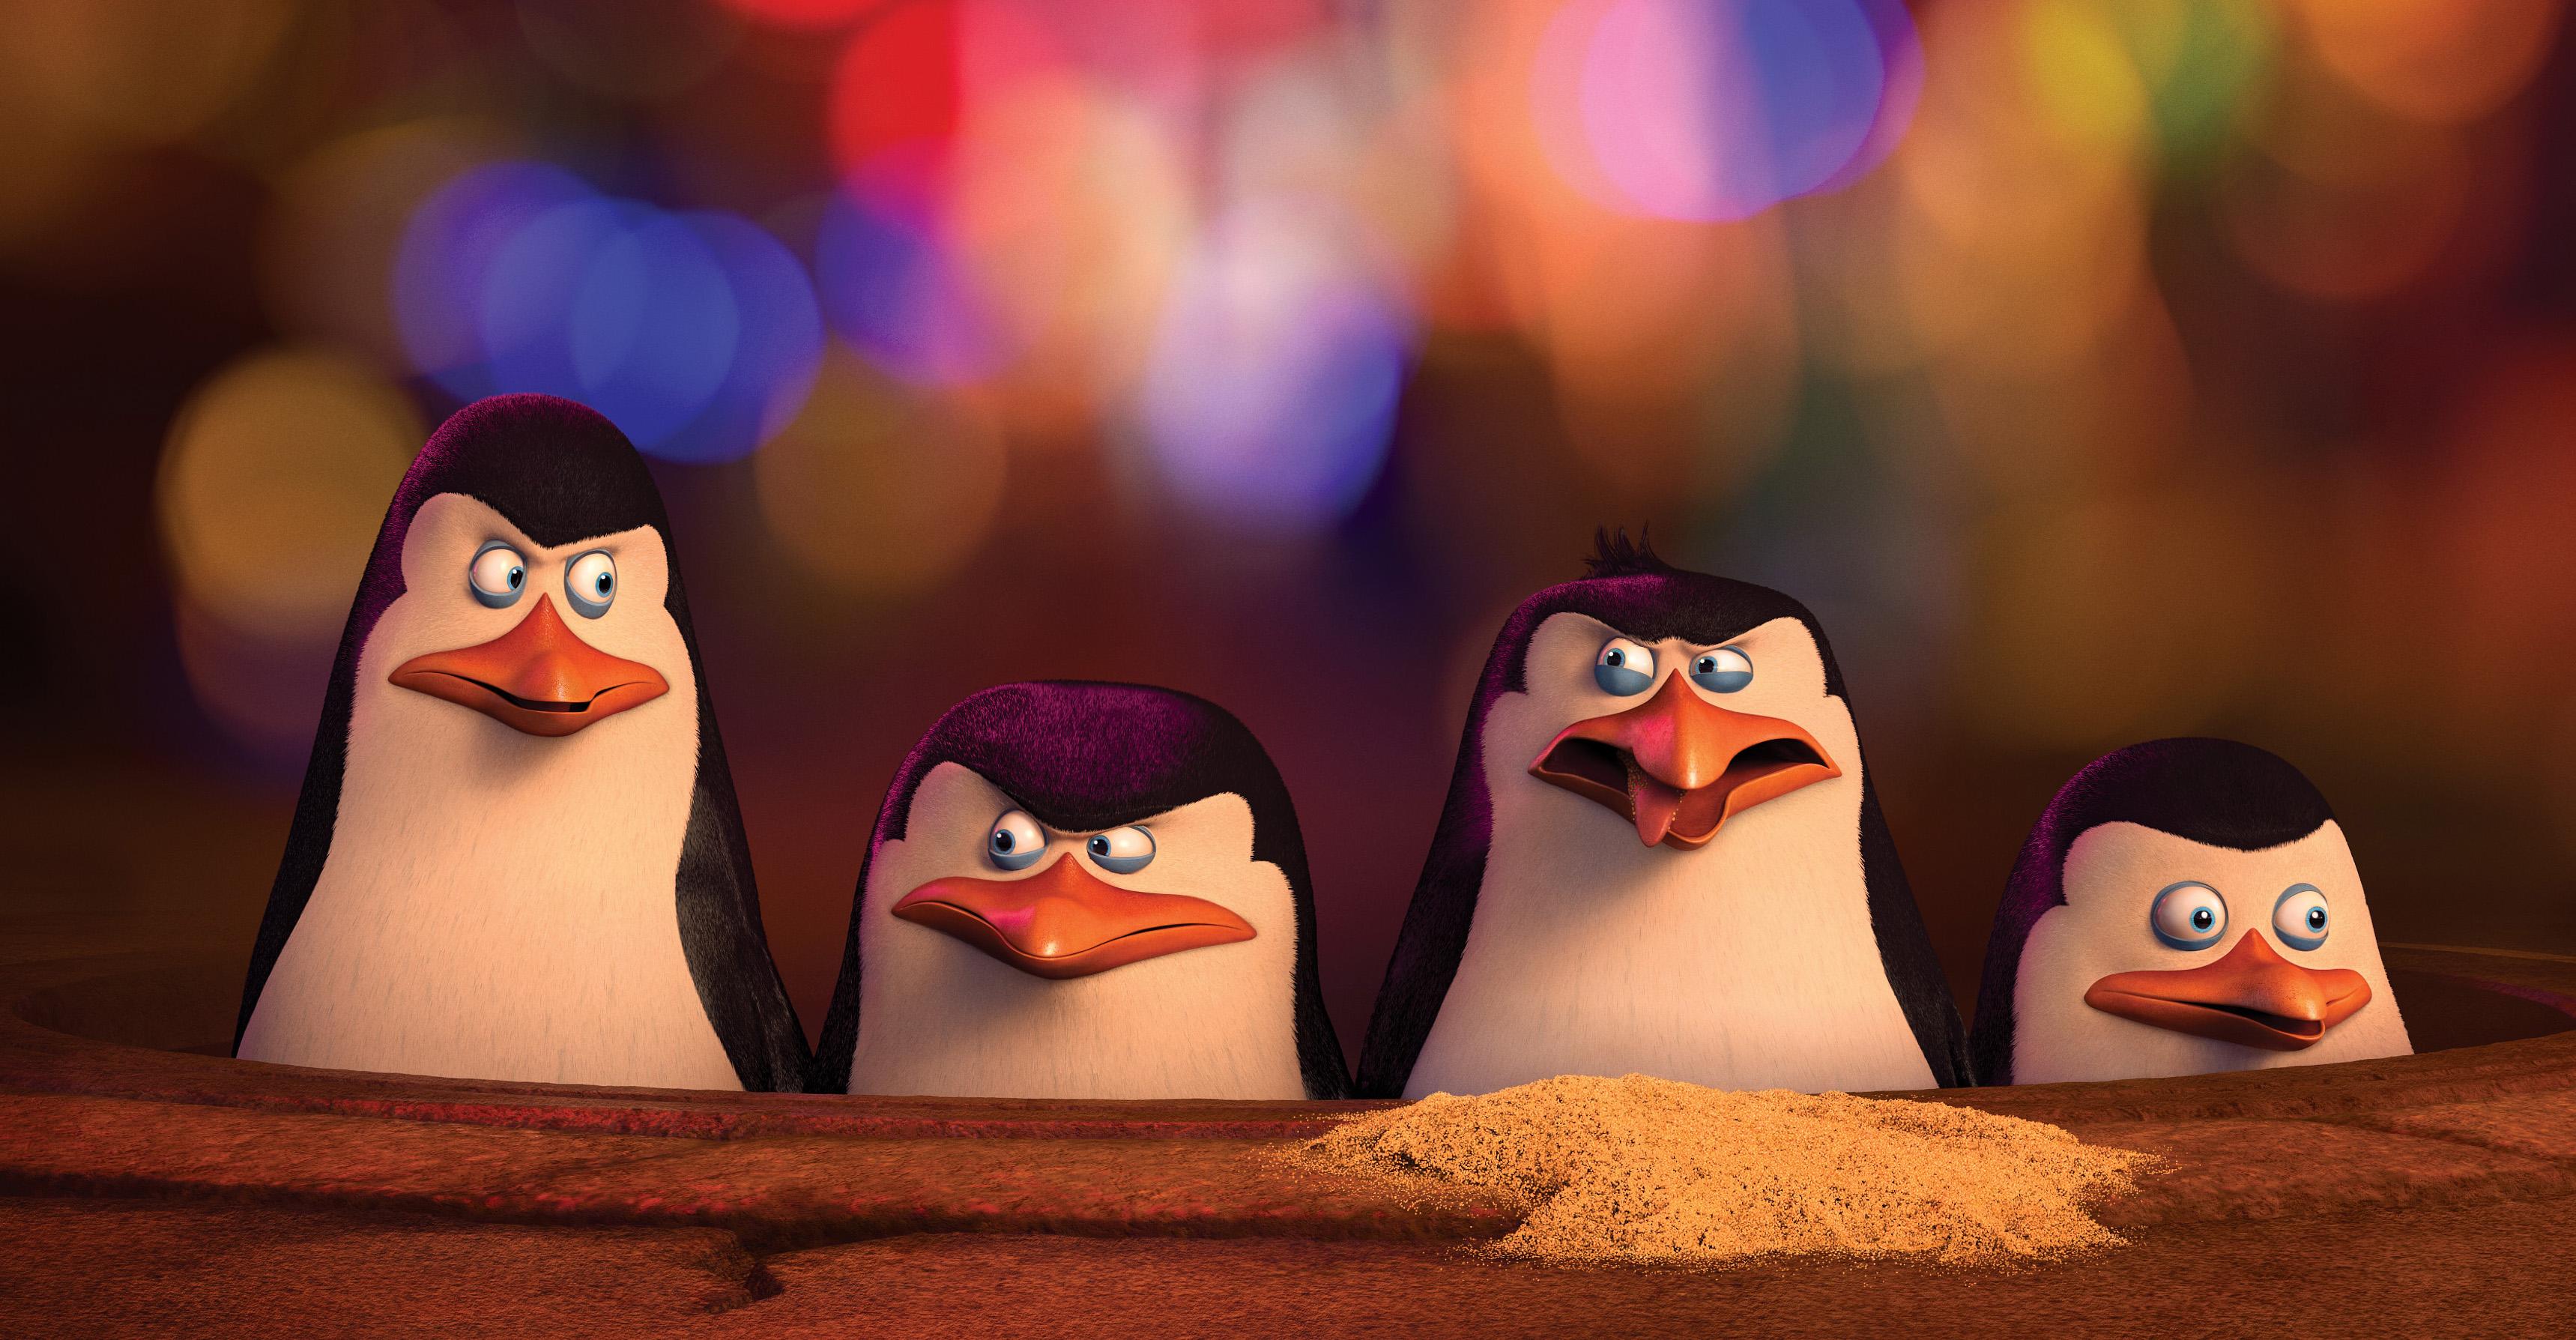 Still penguins